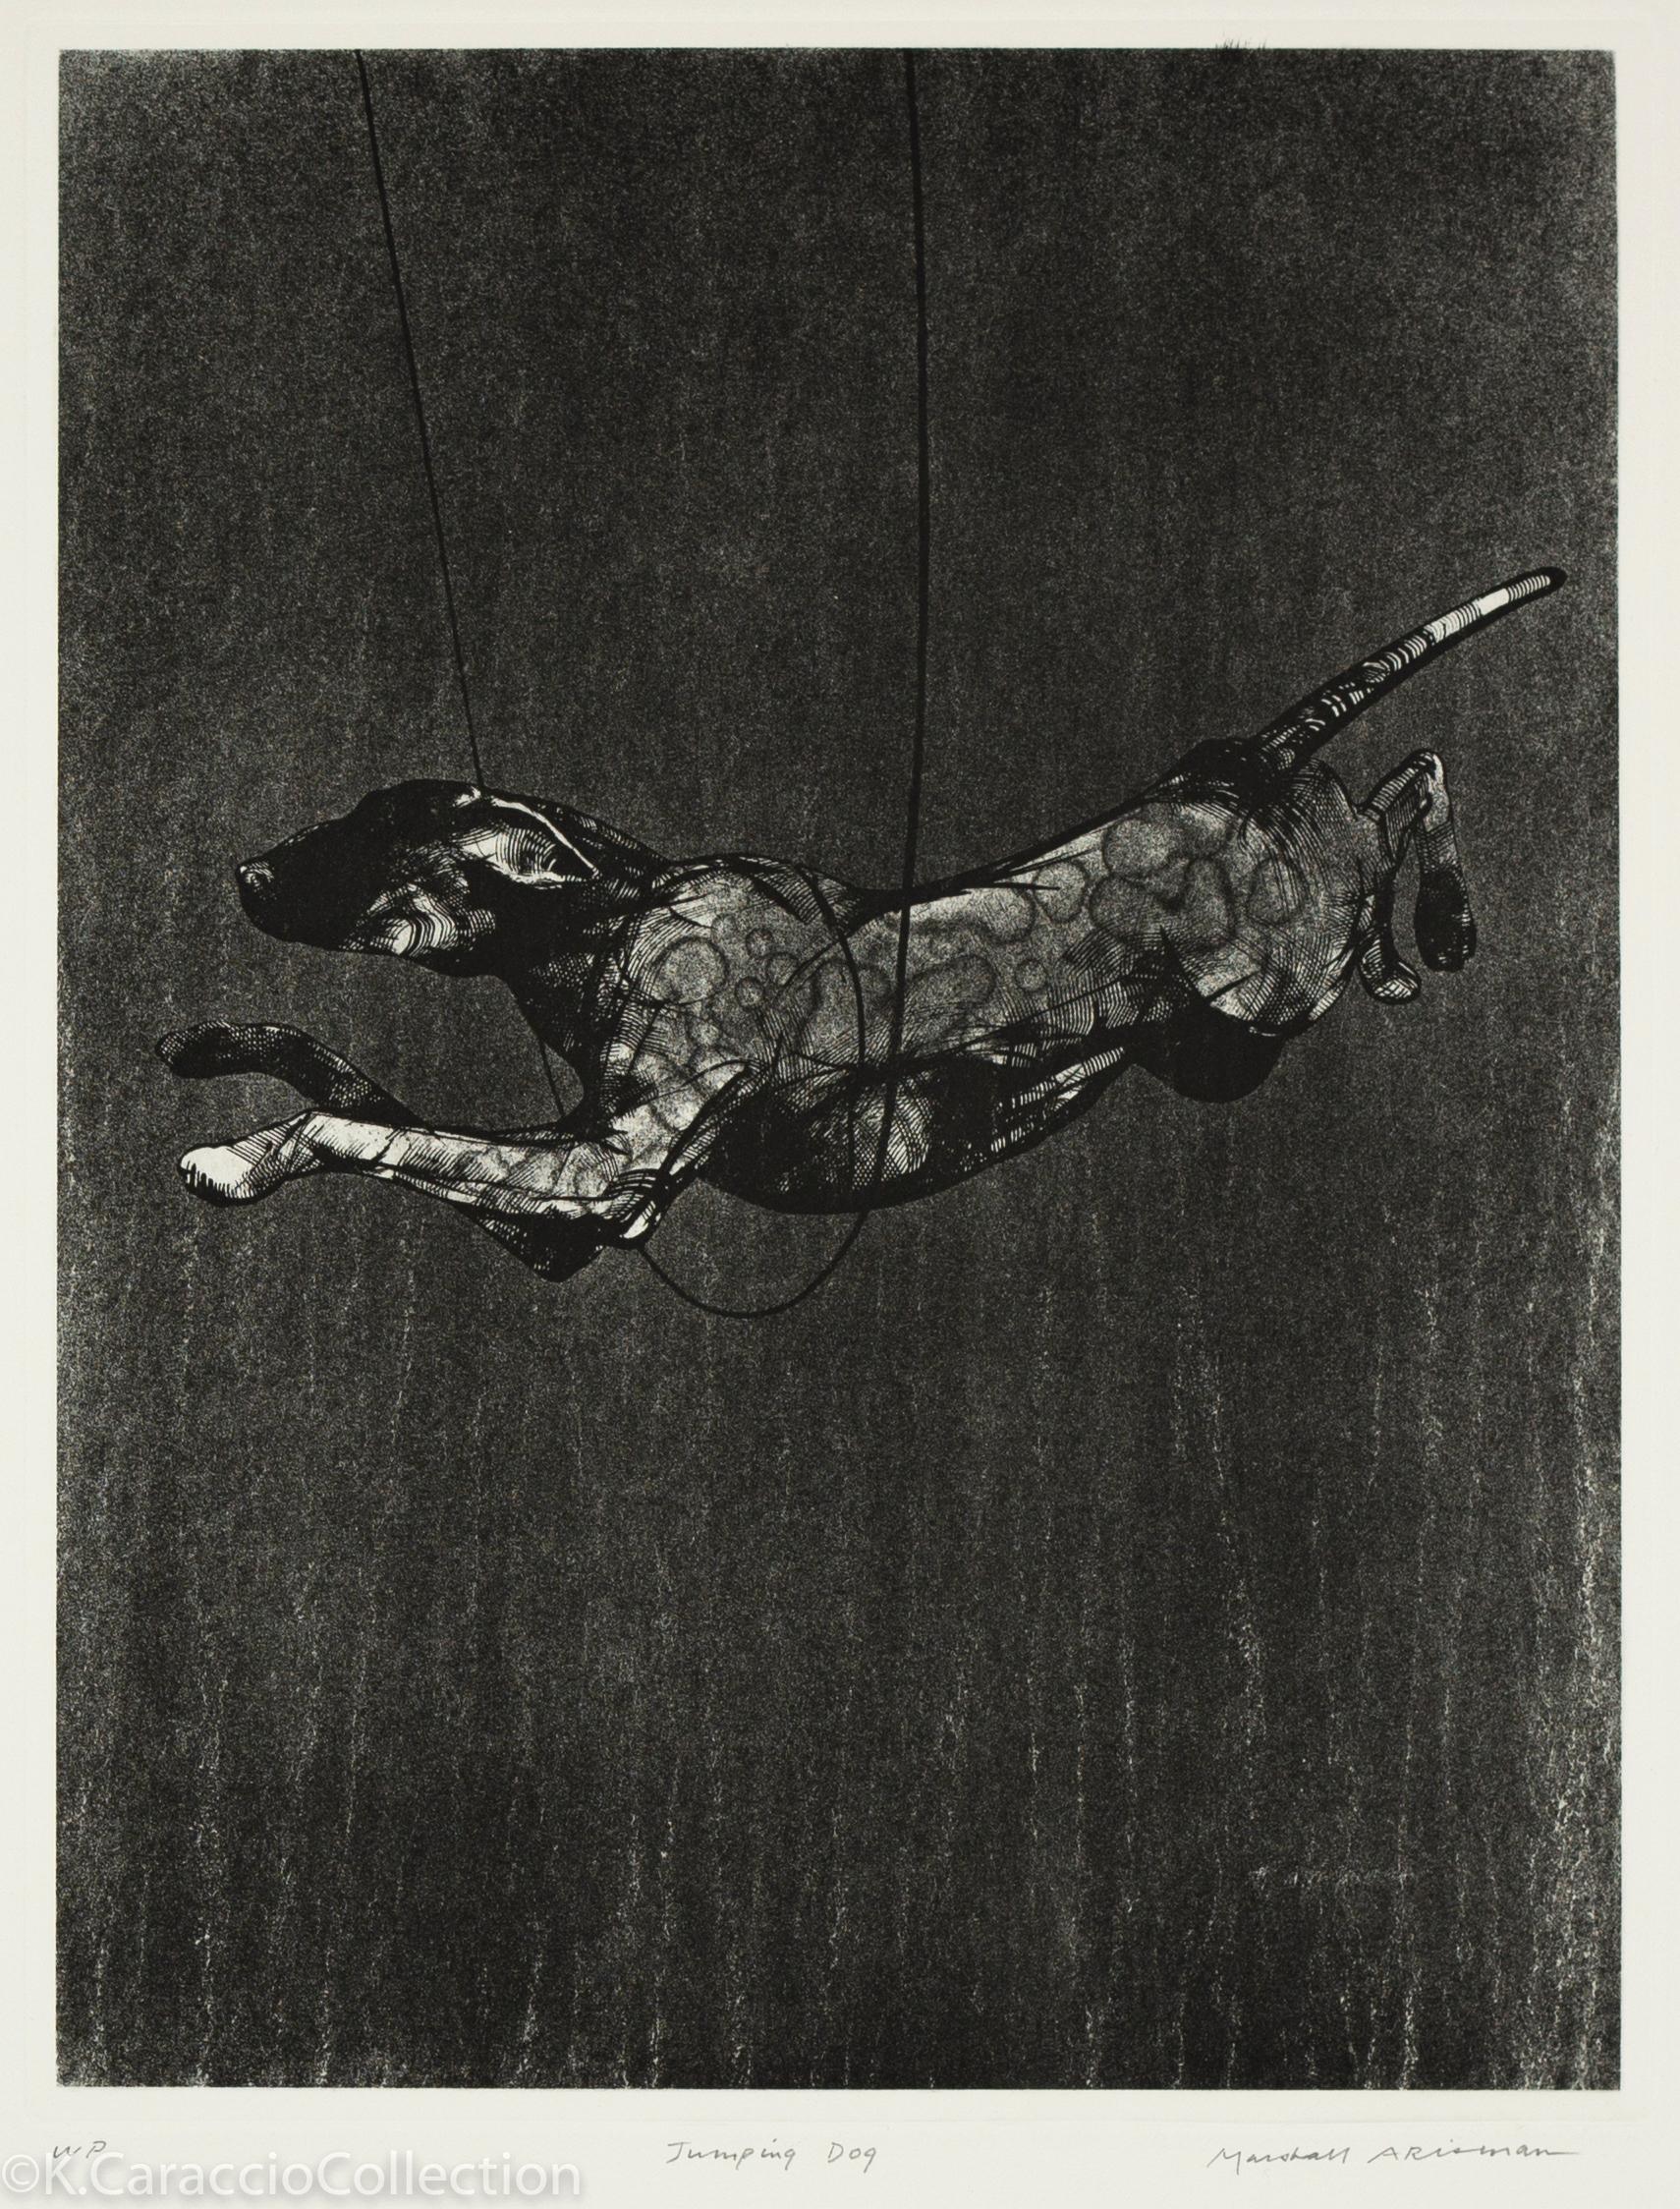 Jumping Dog, 1993